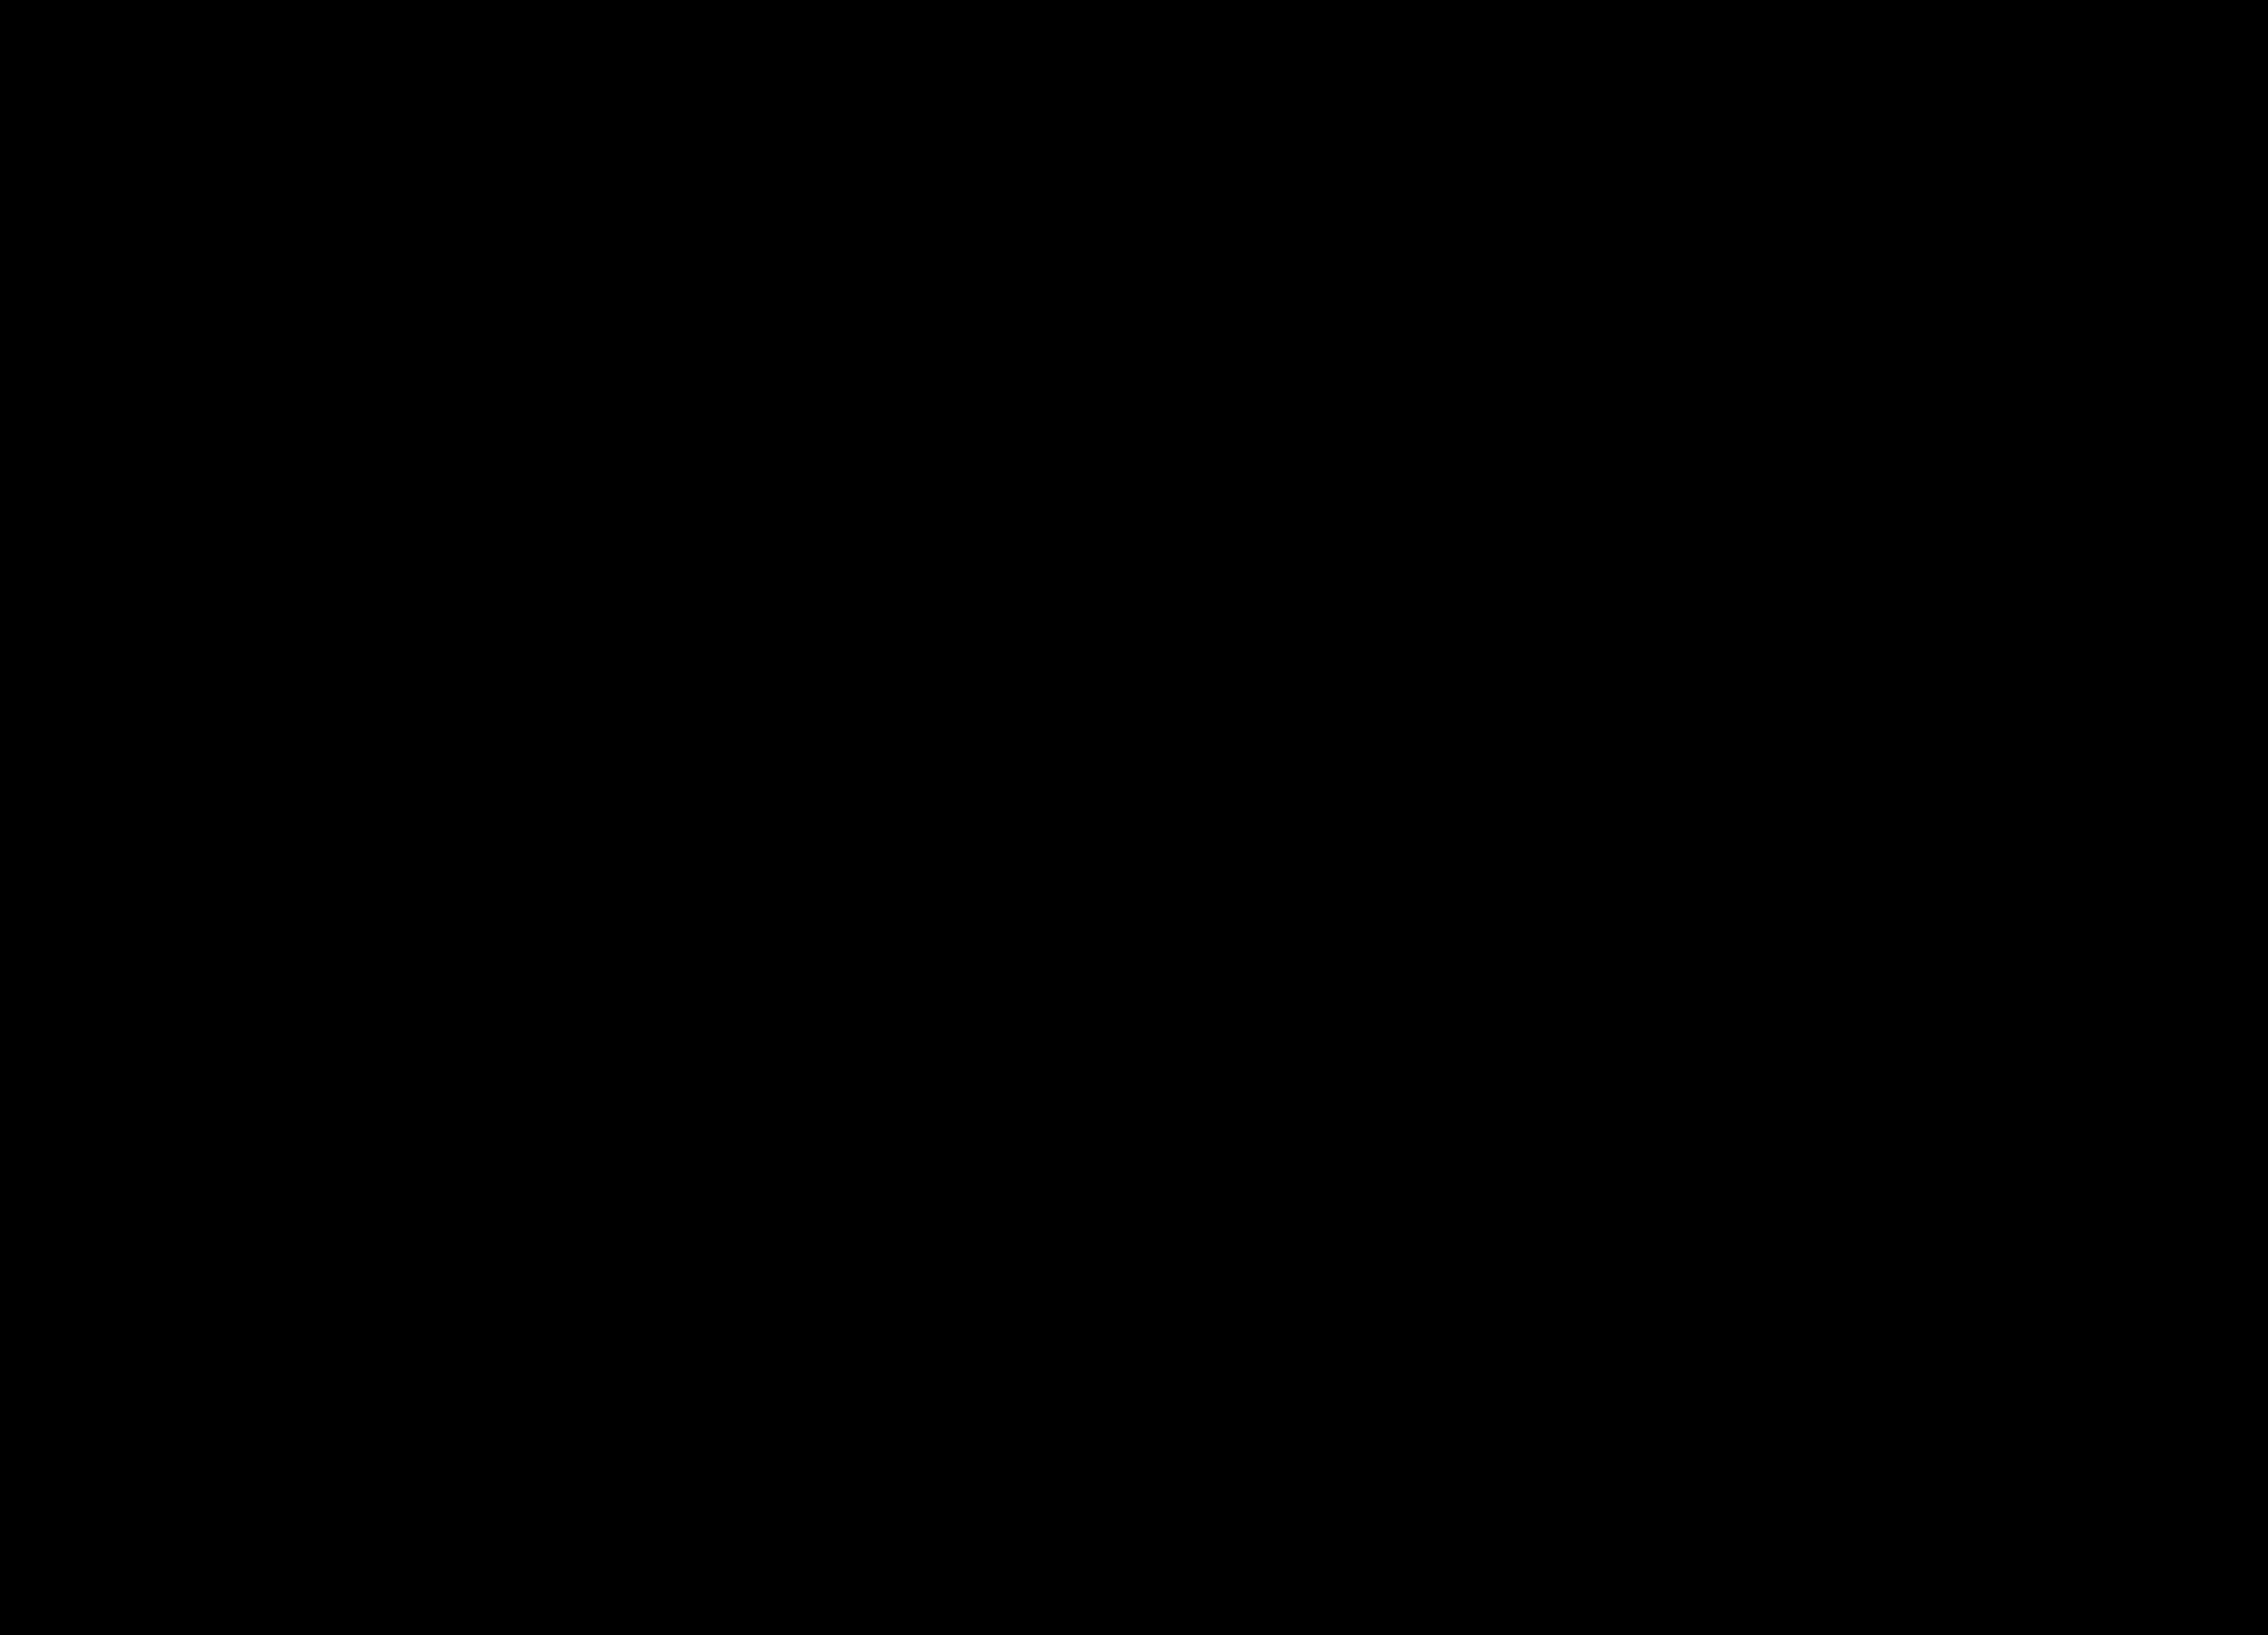 Saúde Pública - Tendência de mortalidade por leucemias em